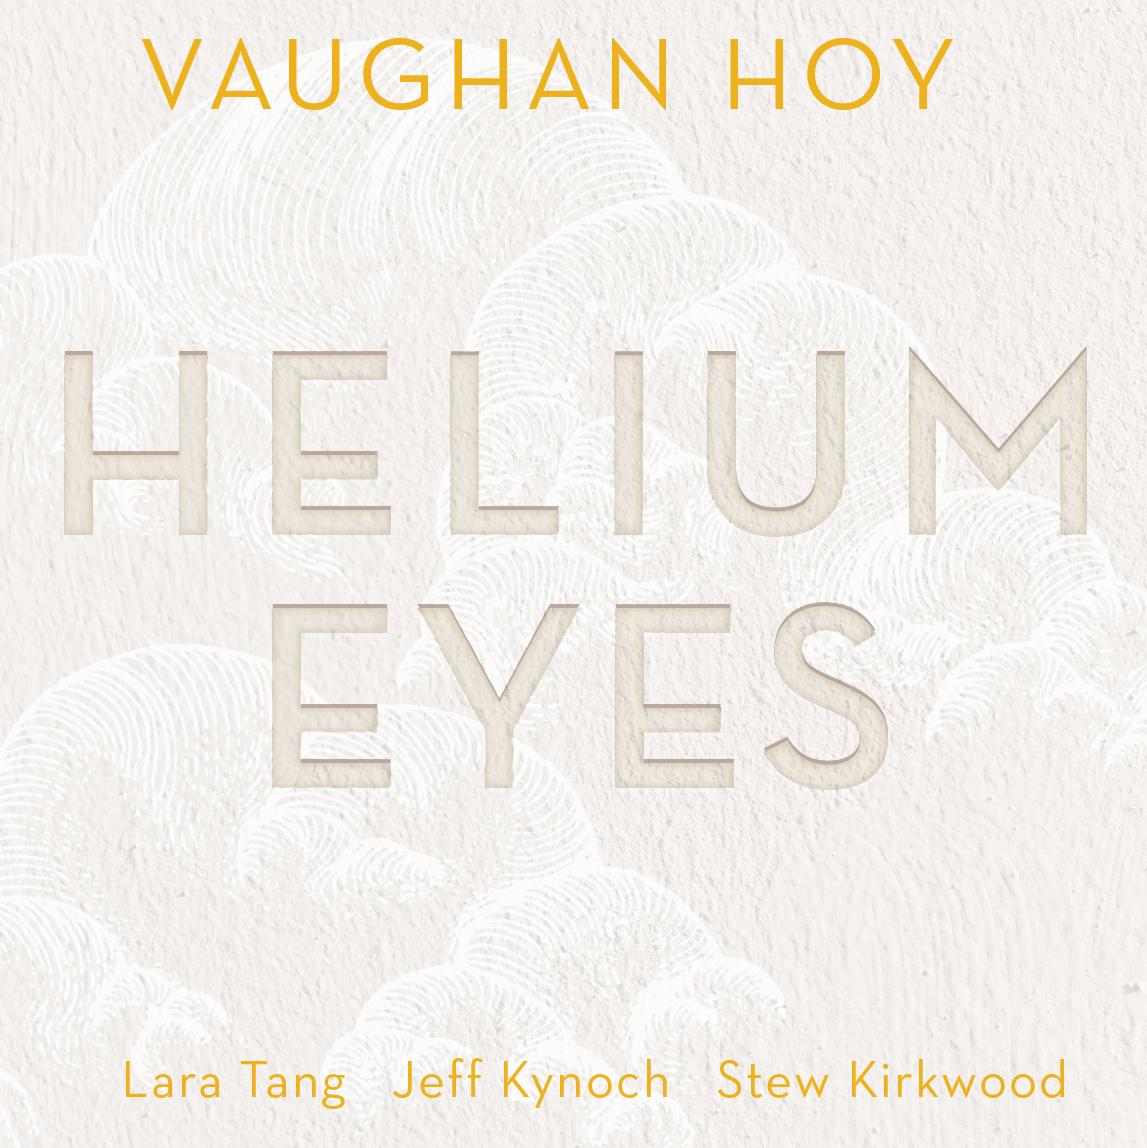 Single cover design by Kendel Vreeling of KendelDesigns